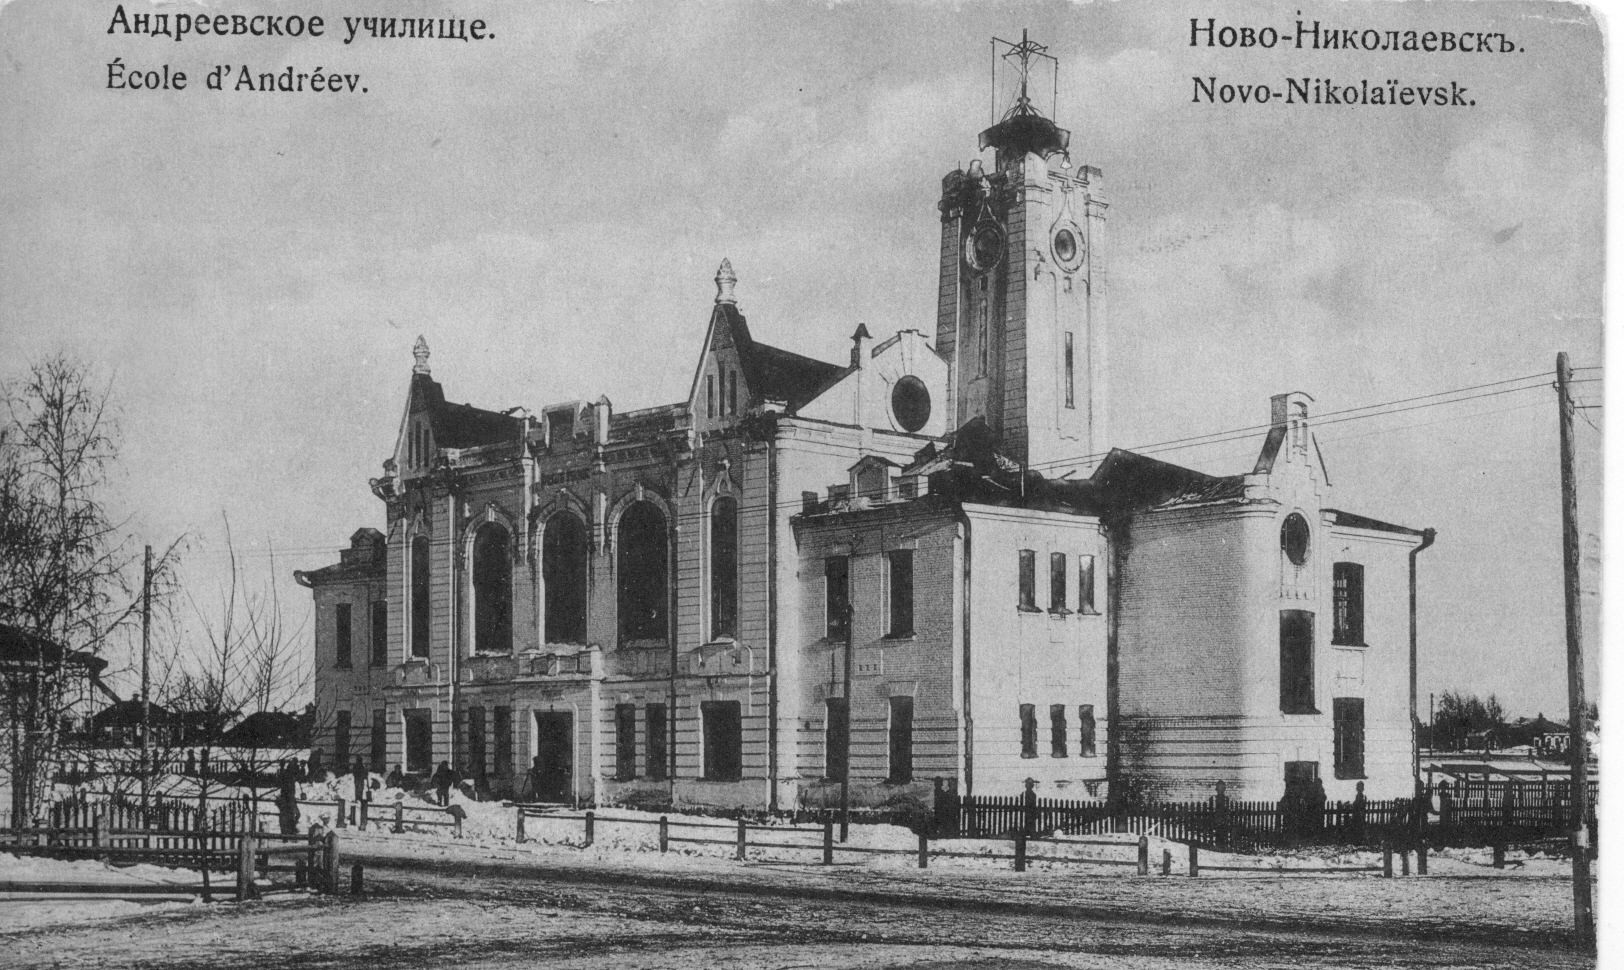 Сибирская 54 Андреевское училище